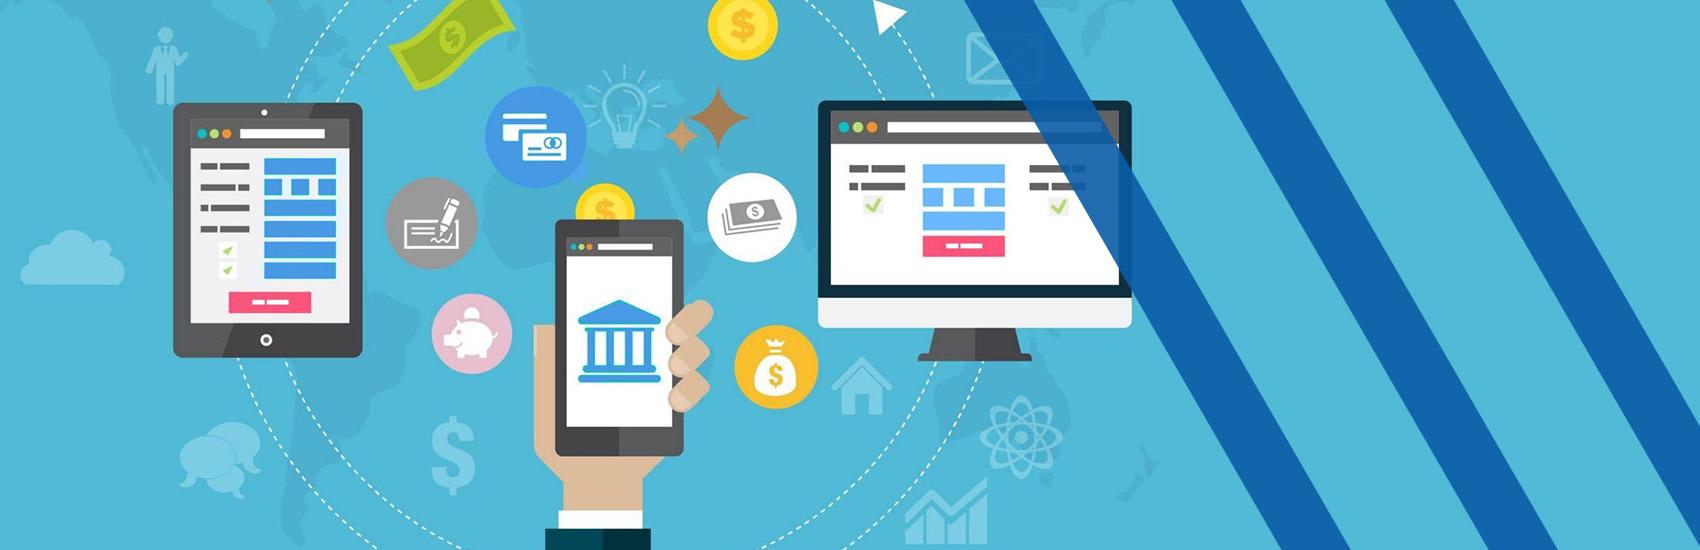 Поиск информации по наиболее выгодным условиям платежных агрегаторов